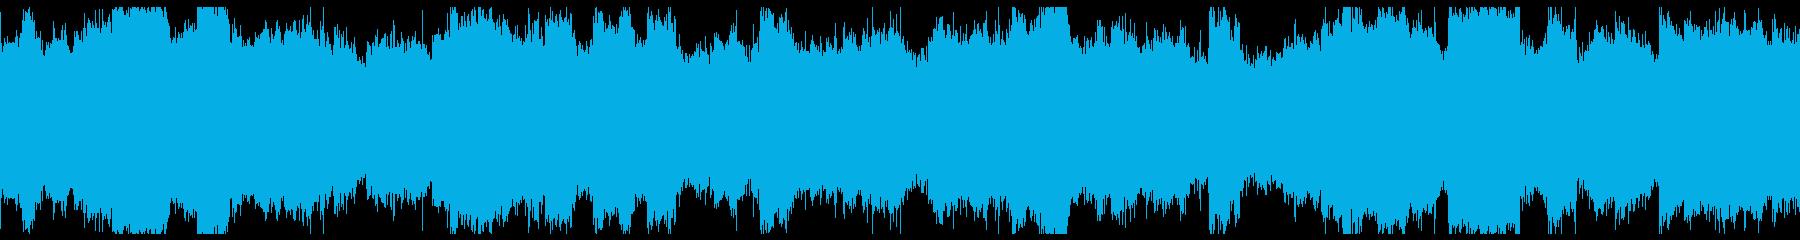 ラスボス前のような深刻なシーンで使える曲の再生済みの波形